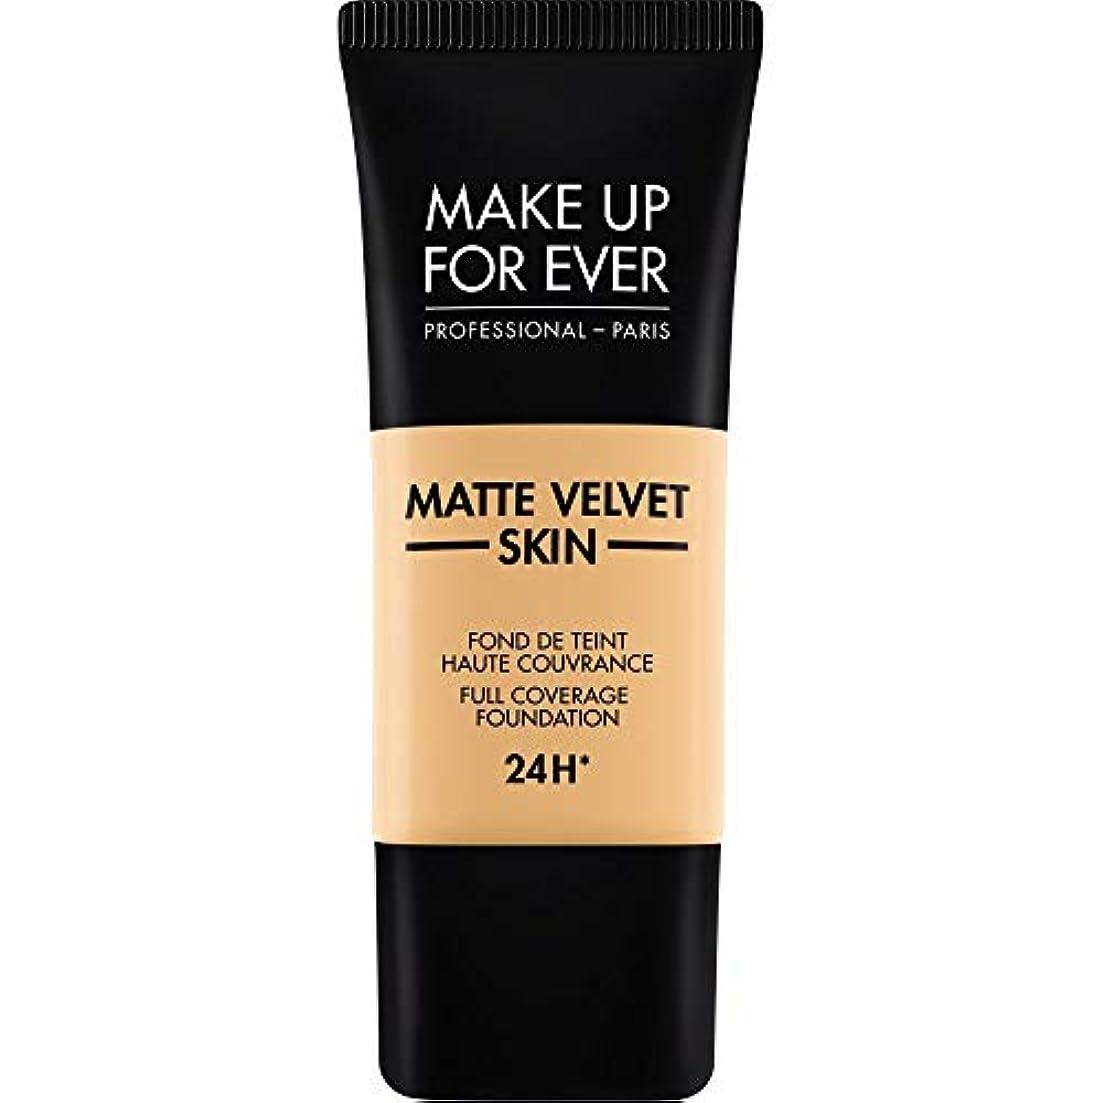 名声スリンクおびえた[MAKE UP FOR EVER ] 柔らかい砂 - これまでマットベルベットの皮膚のフルカバレッジ基礎30ミリリットルのY245を補います - MAKE UP FOR EVER Matte Velvet Skin Full...